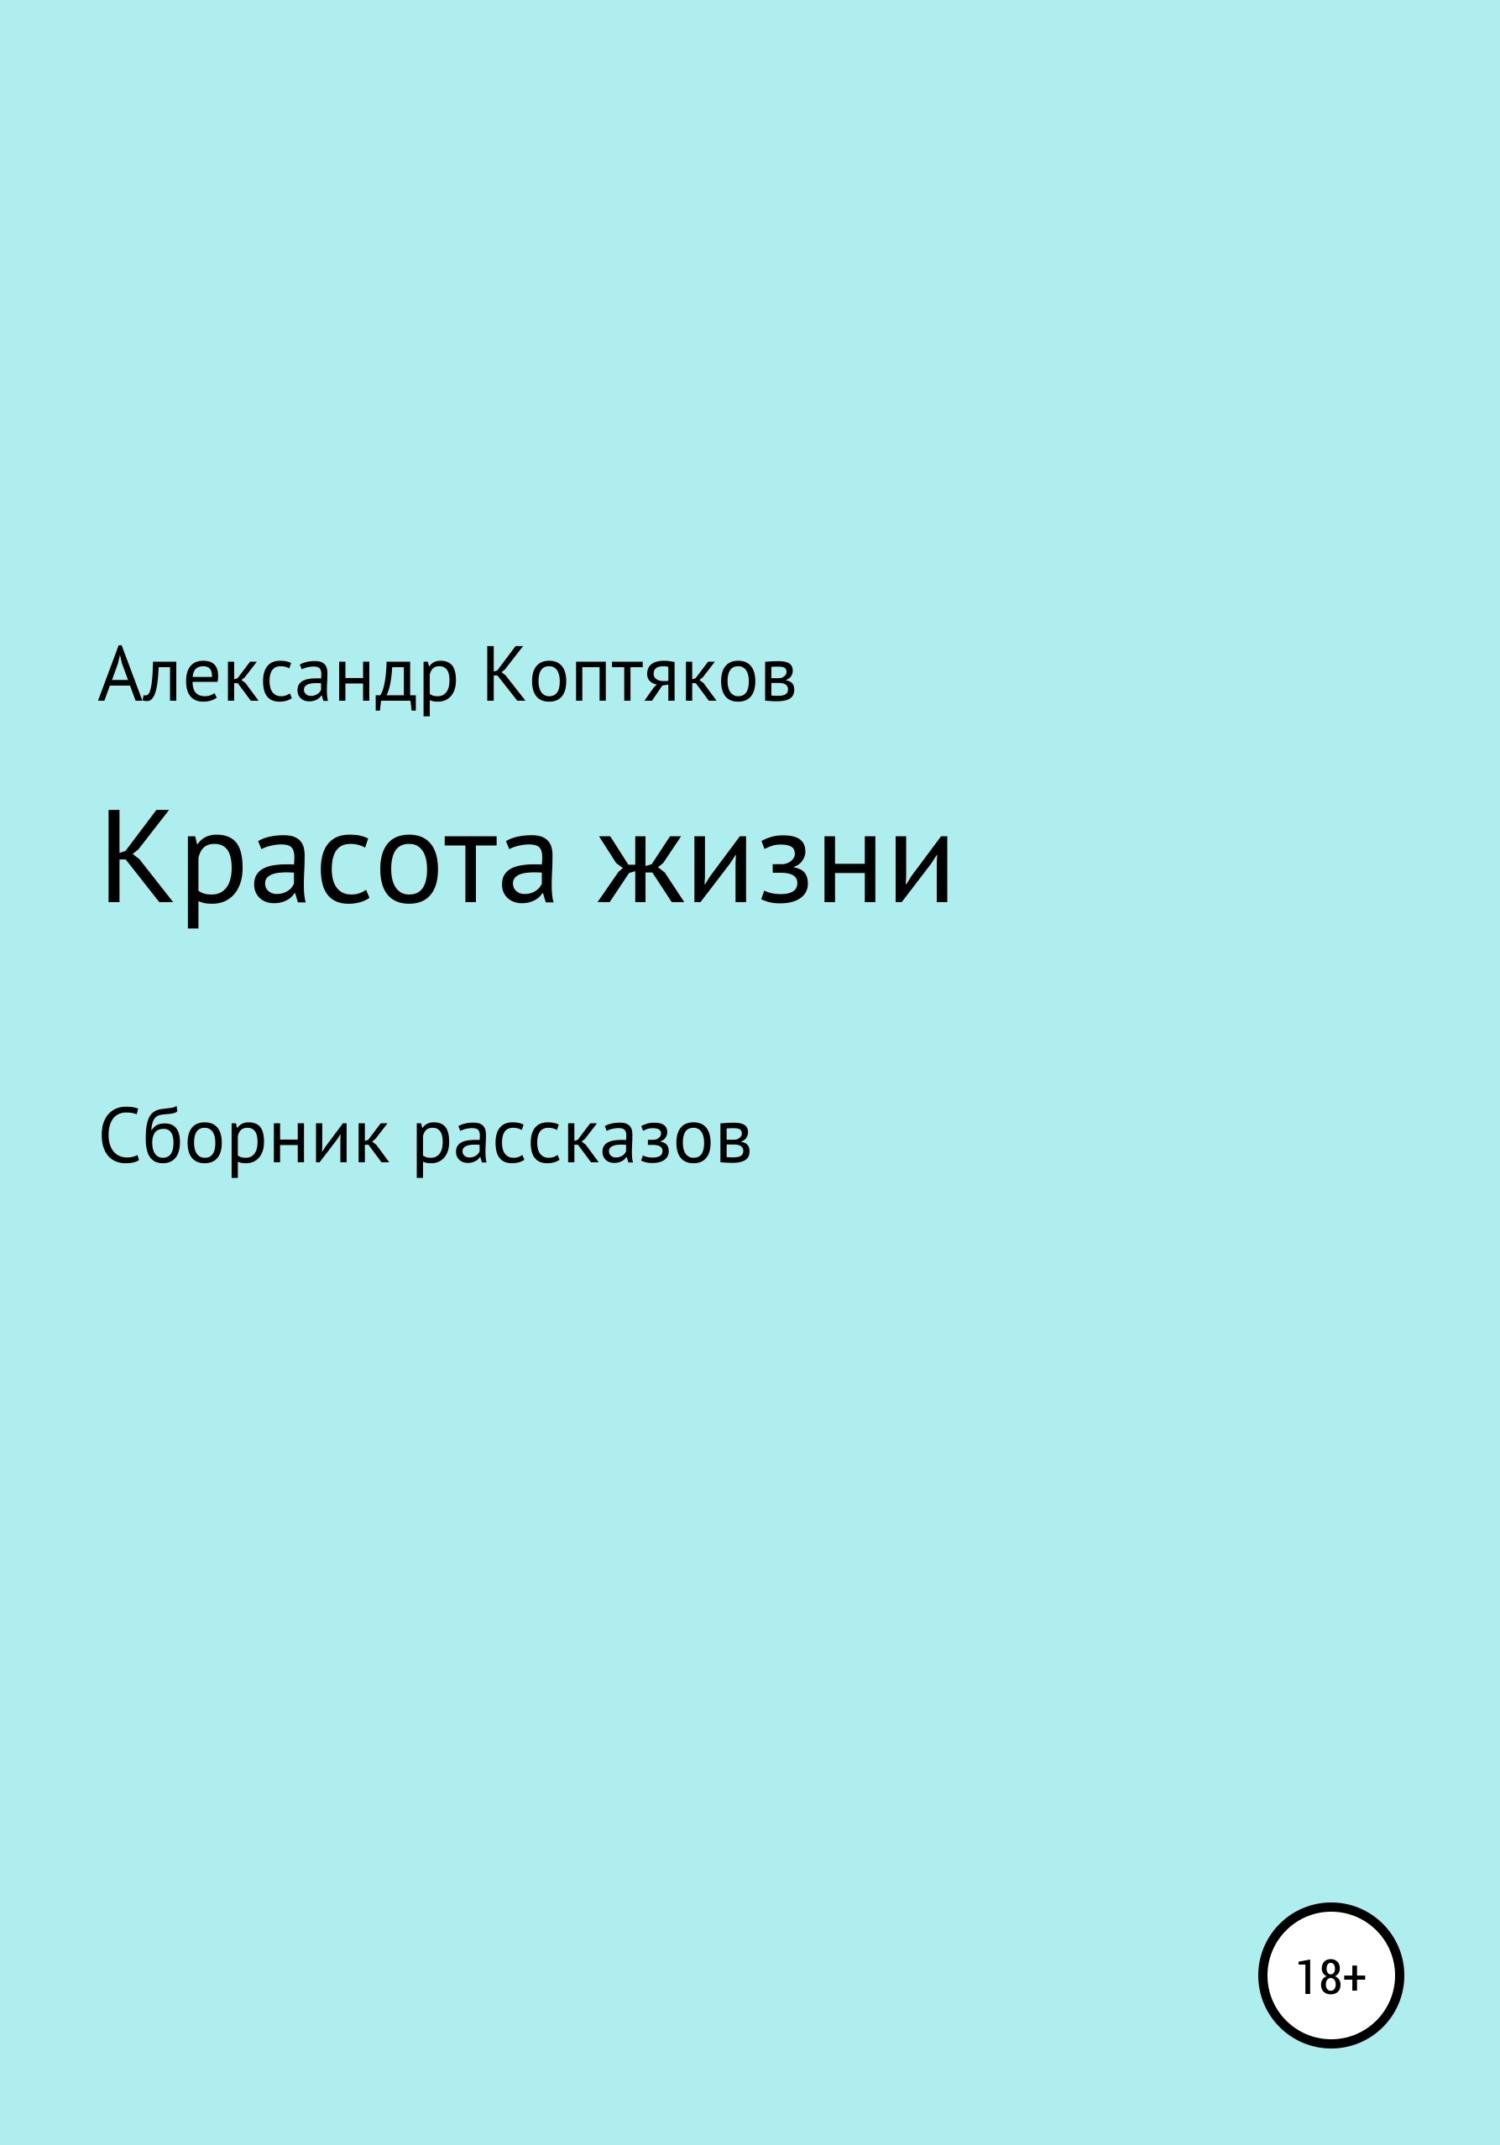 Александр Валерьевич Коптяков Красота жизни. Сборник рассказов